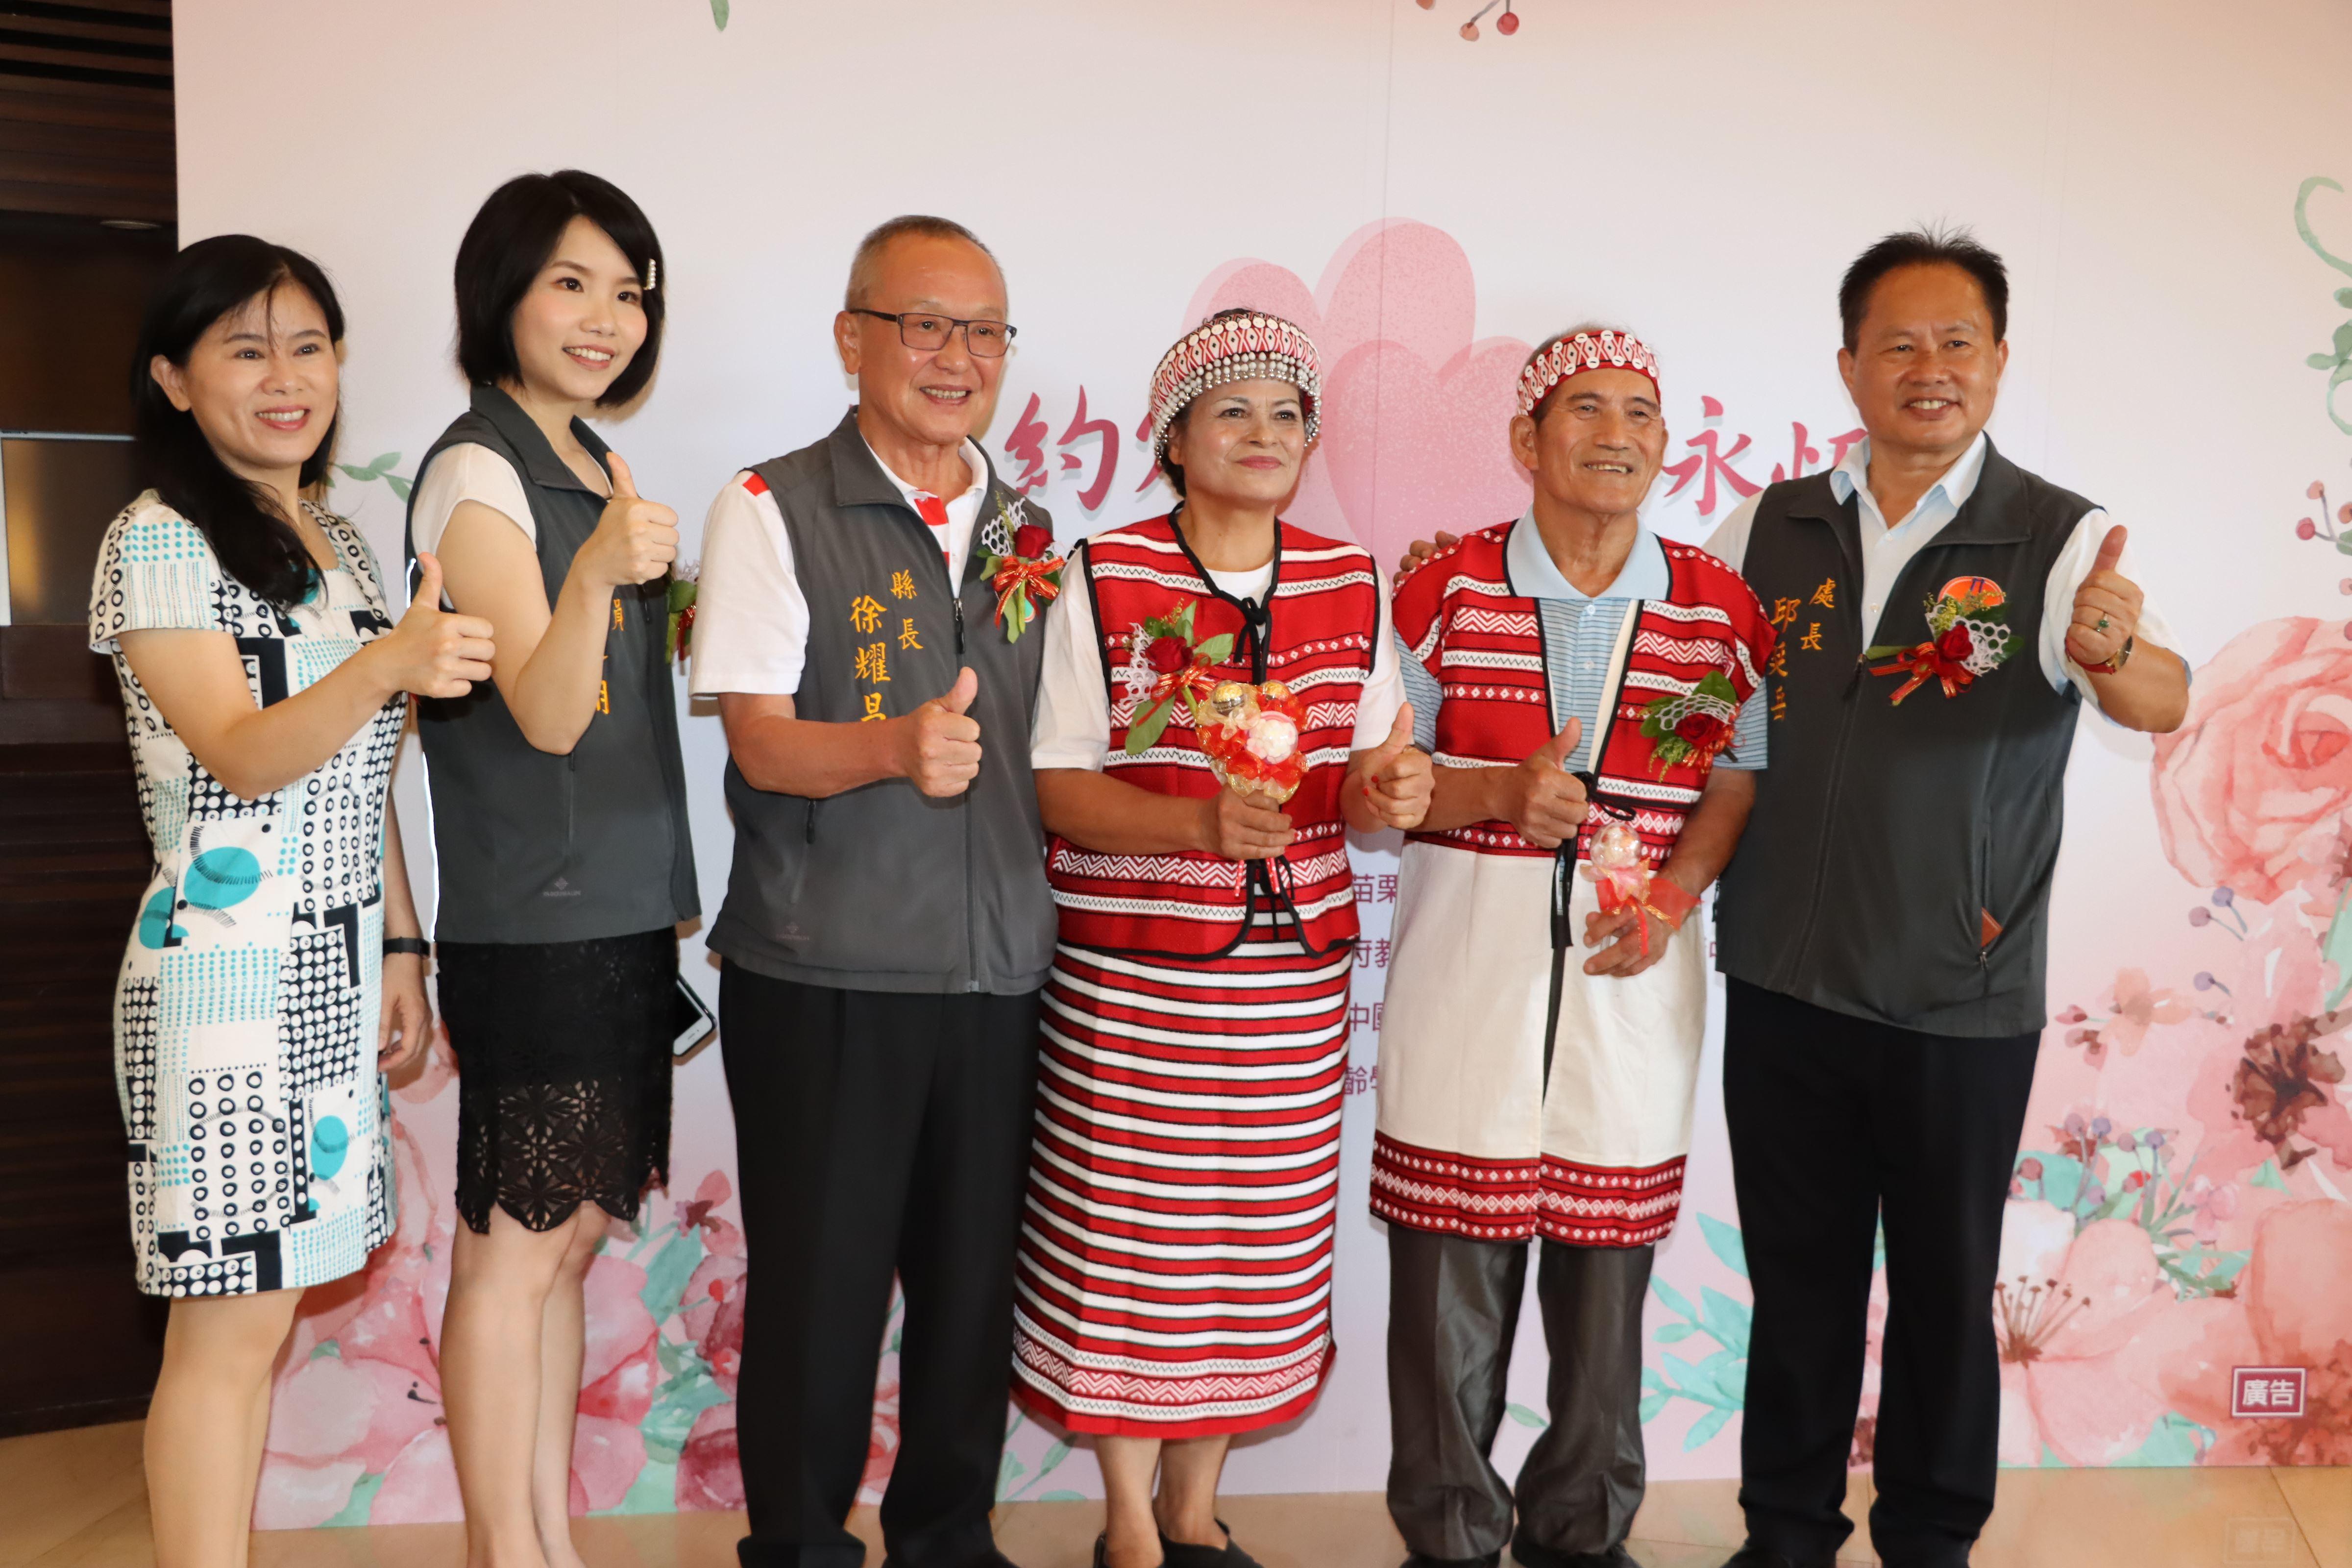 5縣府-南庄鄉夫妻代表穿著賽夏族服飾IMG_8073.JPG